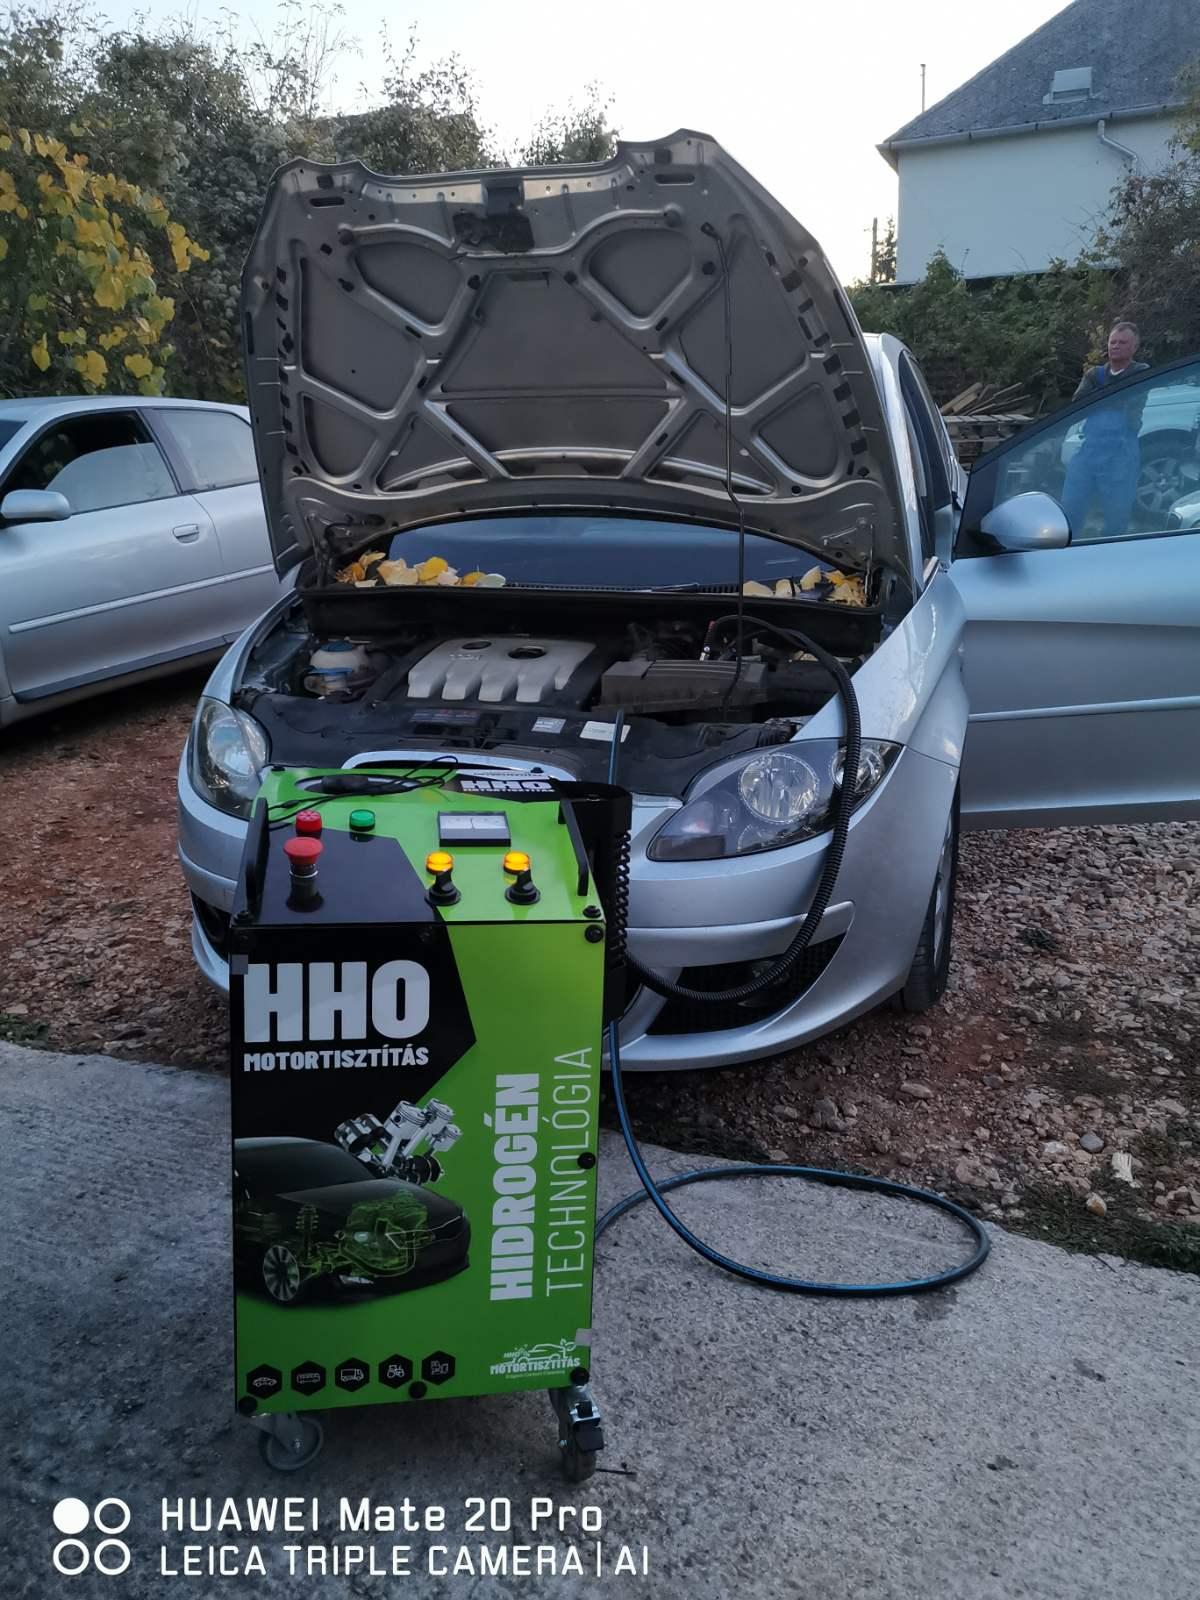 HHO Motortisztítás Seat Toledo 2.0 Pdtdi Tata